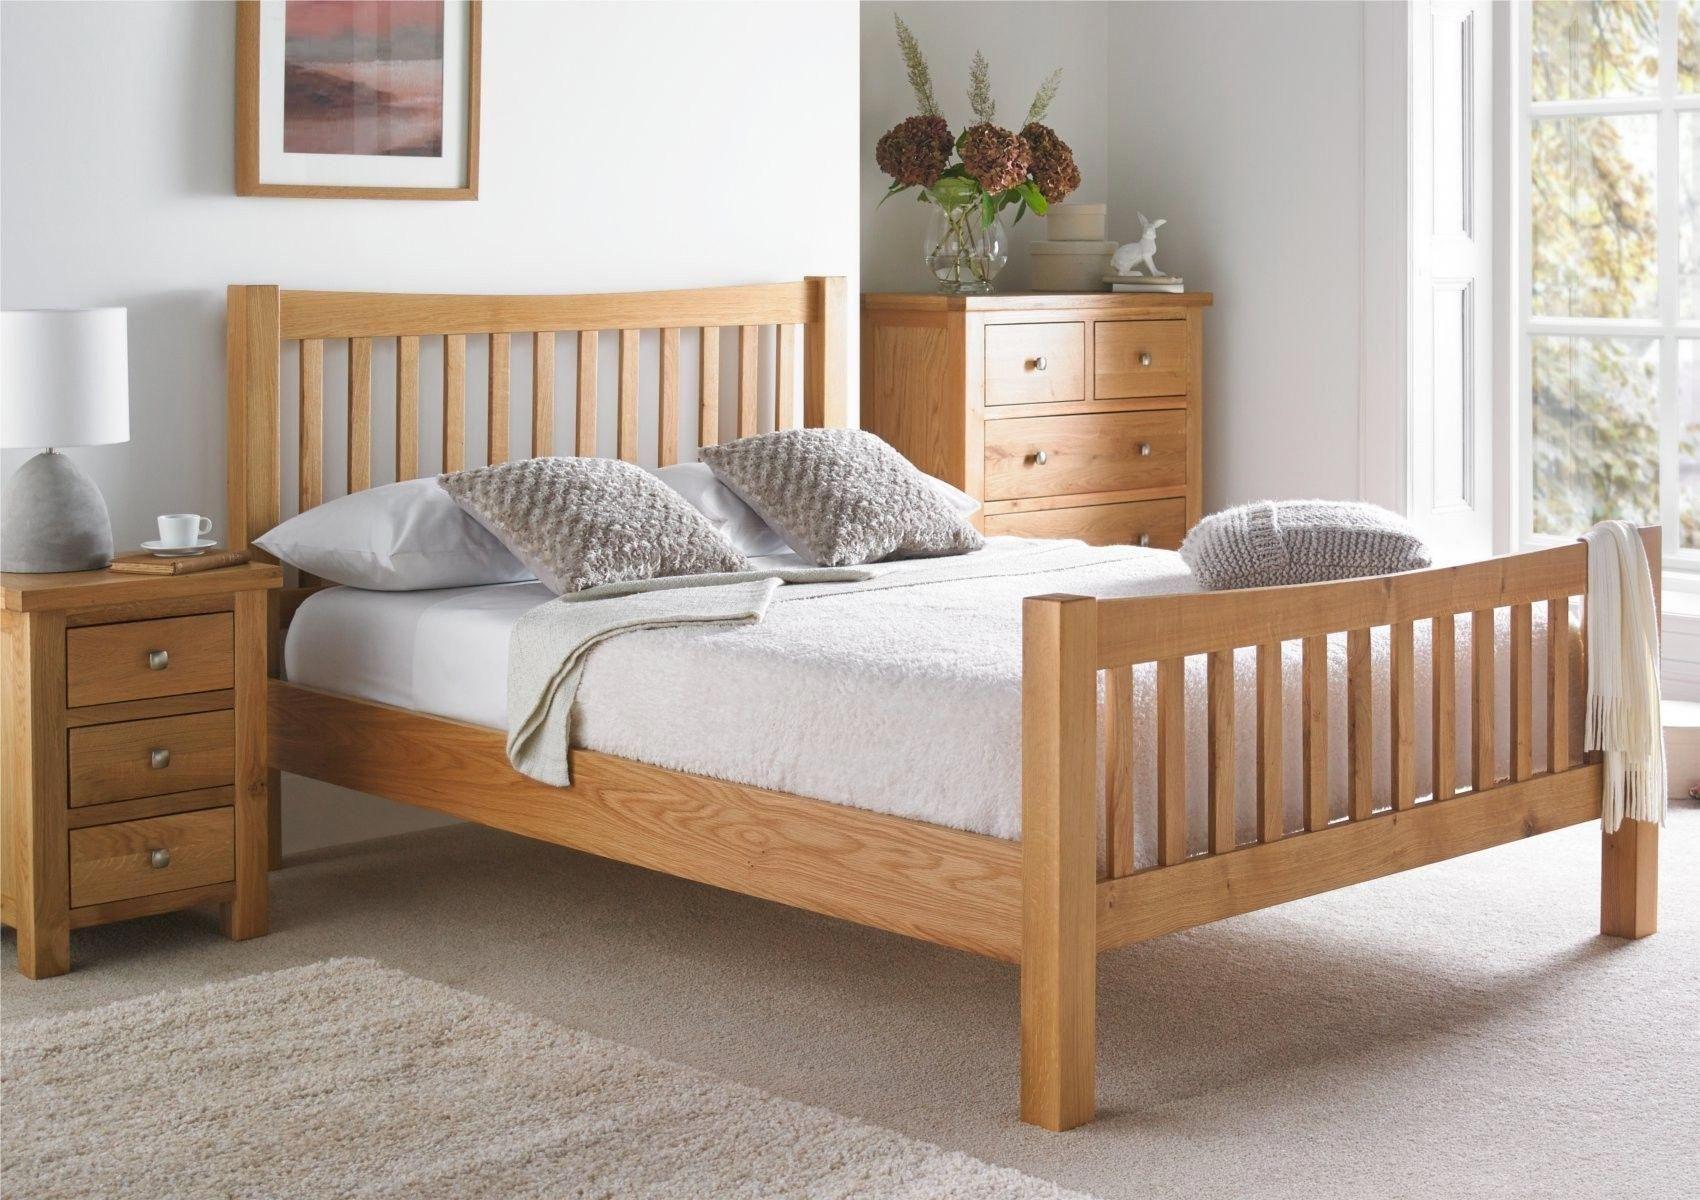 Oak Furniture Dorset Oak Bed Frame Light Wood Wooden Beds Beds Oakfurniture Boysbedroom Furnitur In 2020 Oak Bed Frame Oak Bedroom Furniture Oak Bedroom